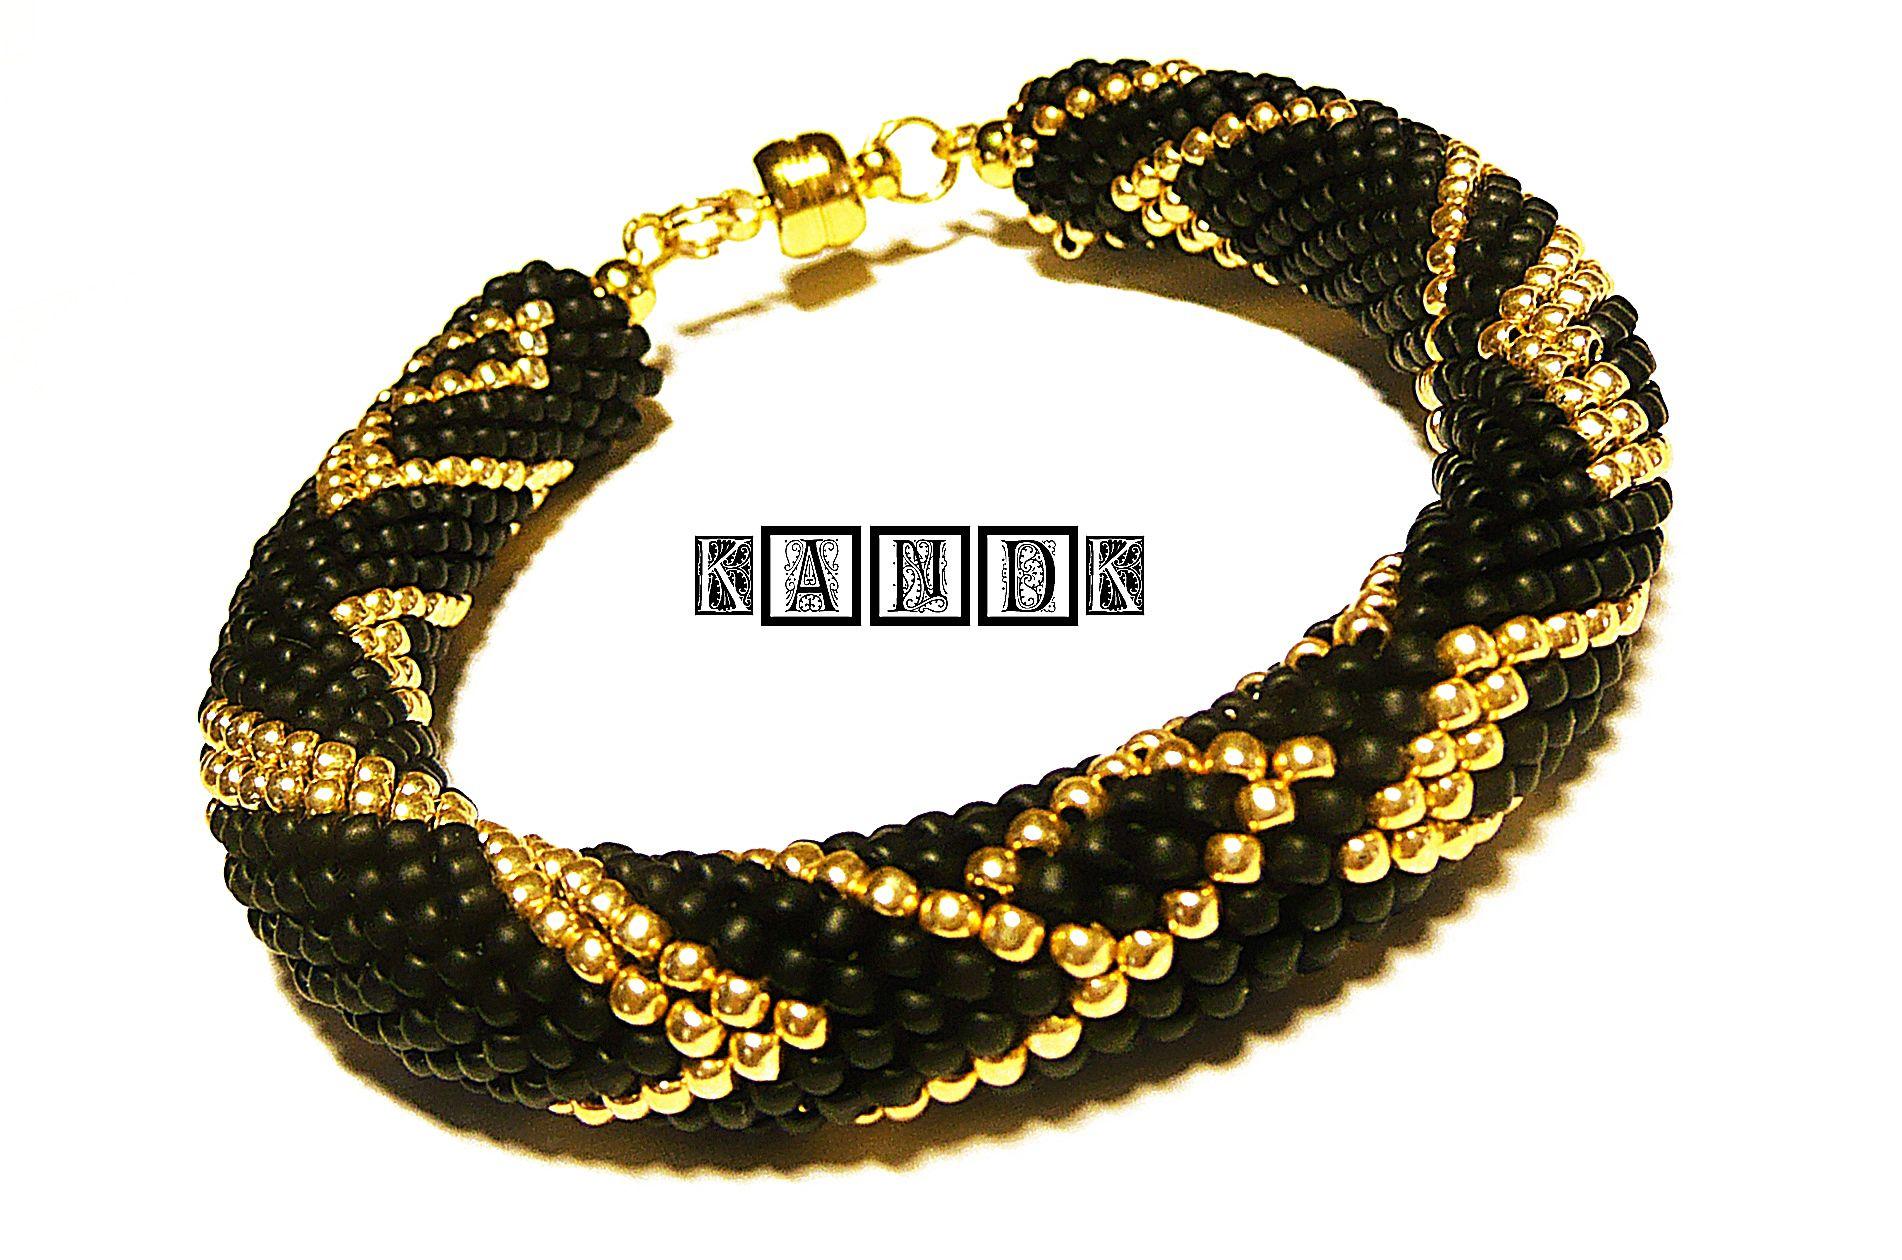 матовый kandk тохо золотой браслет черный подарок